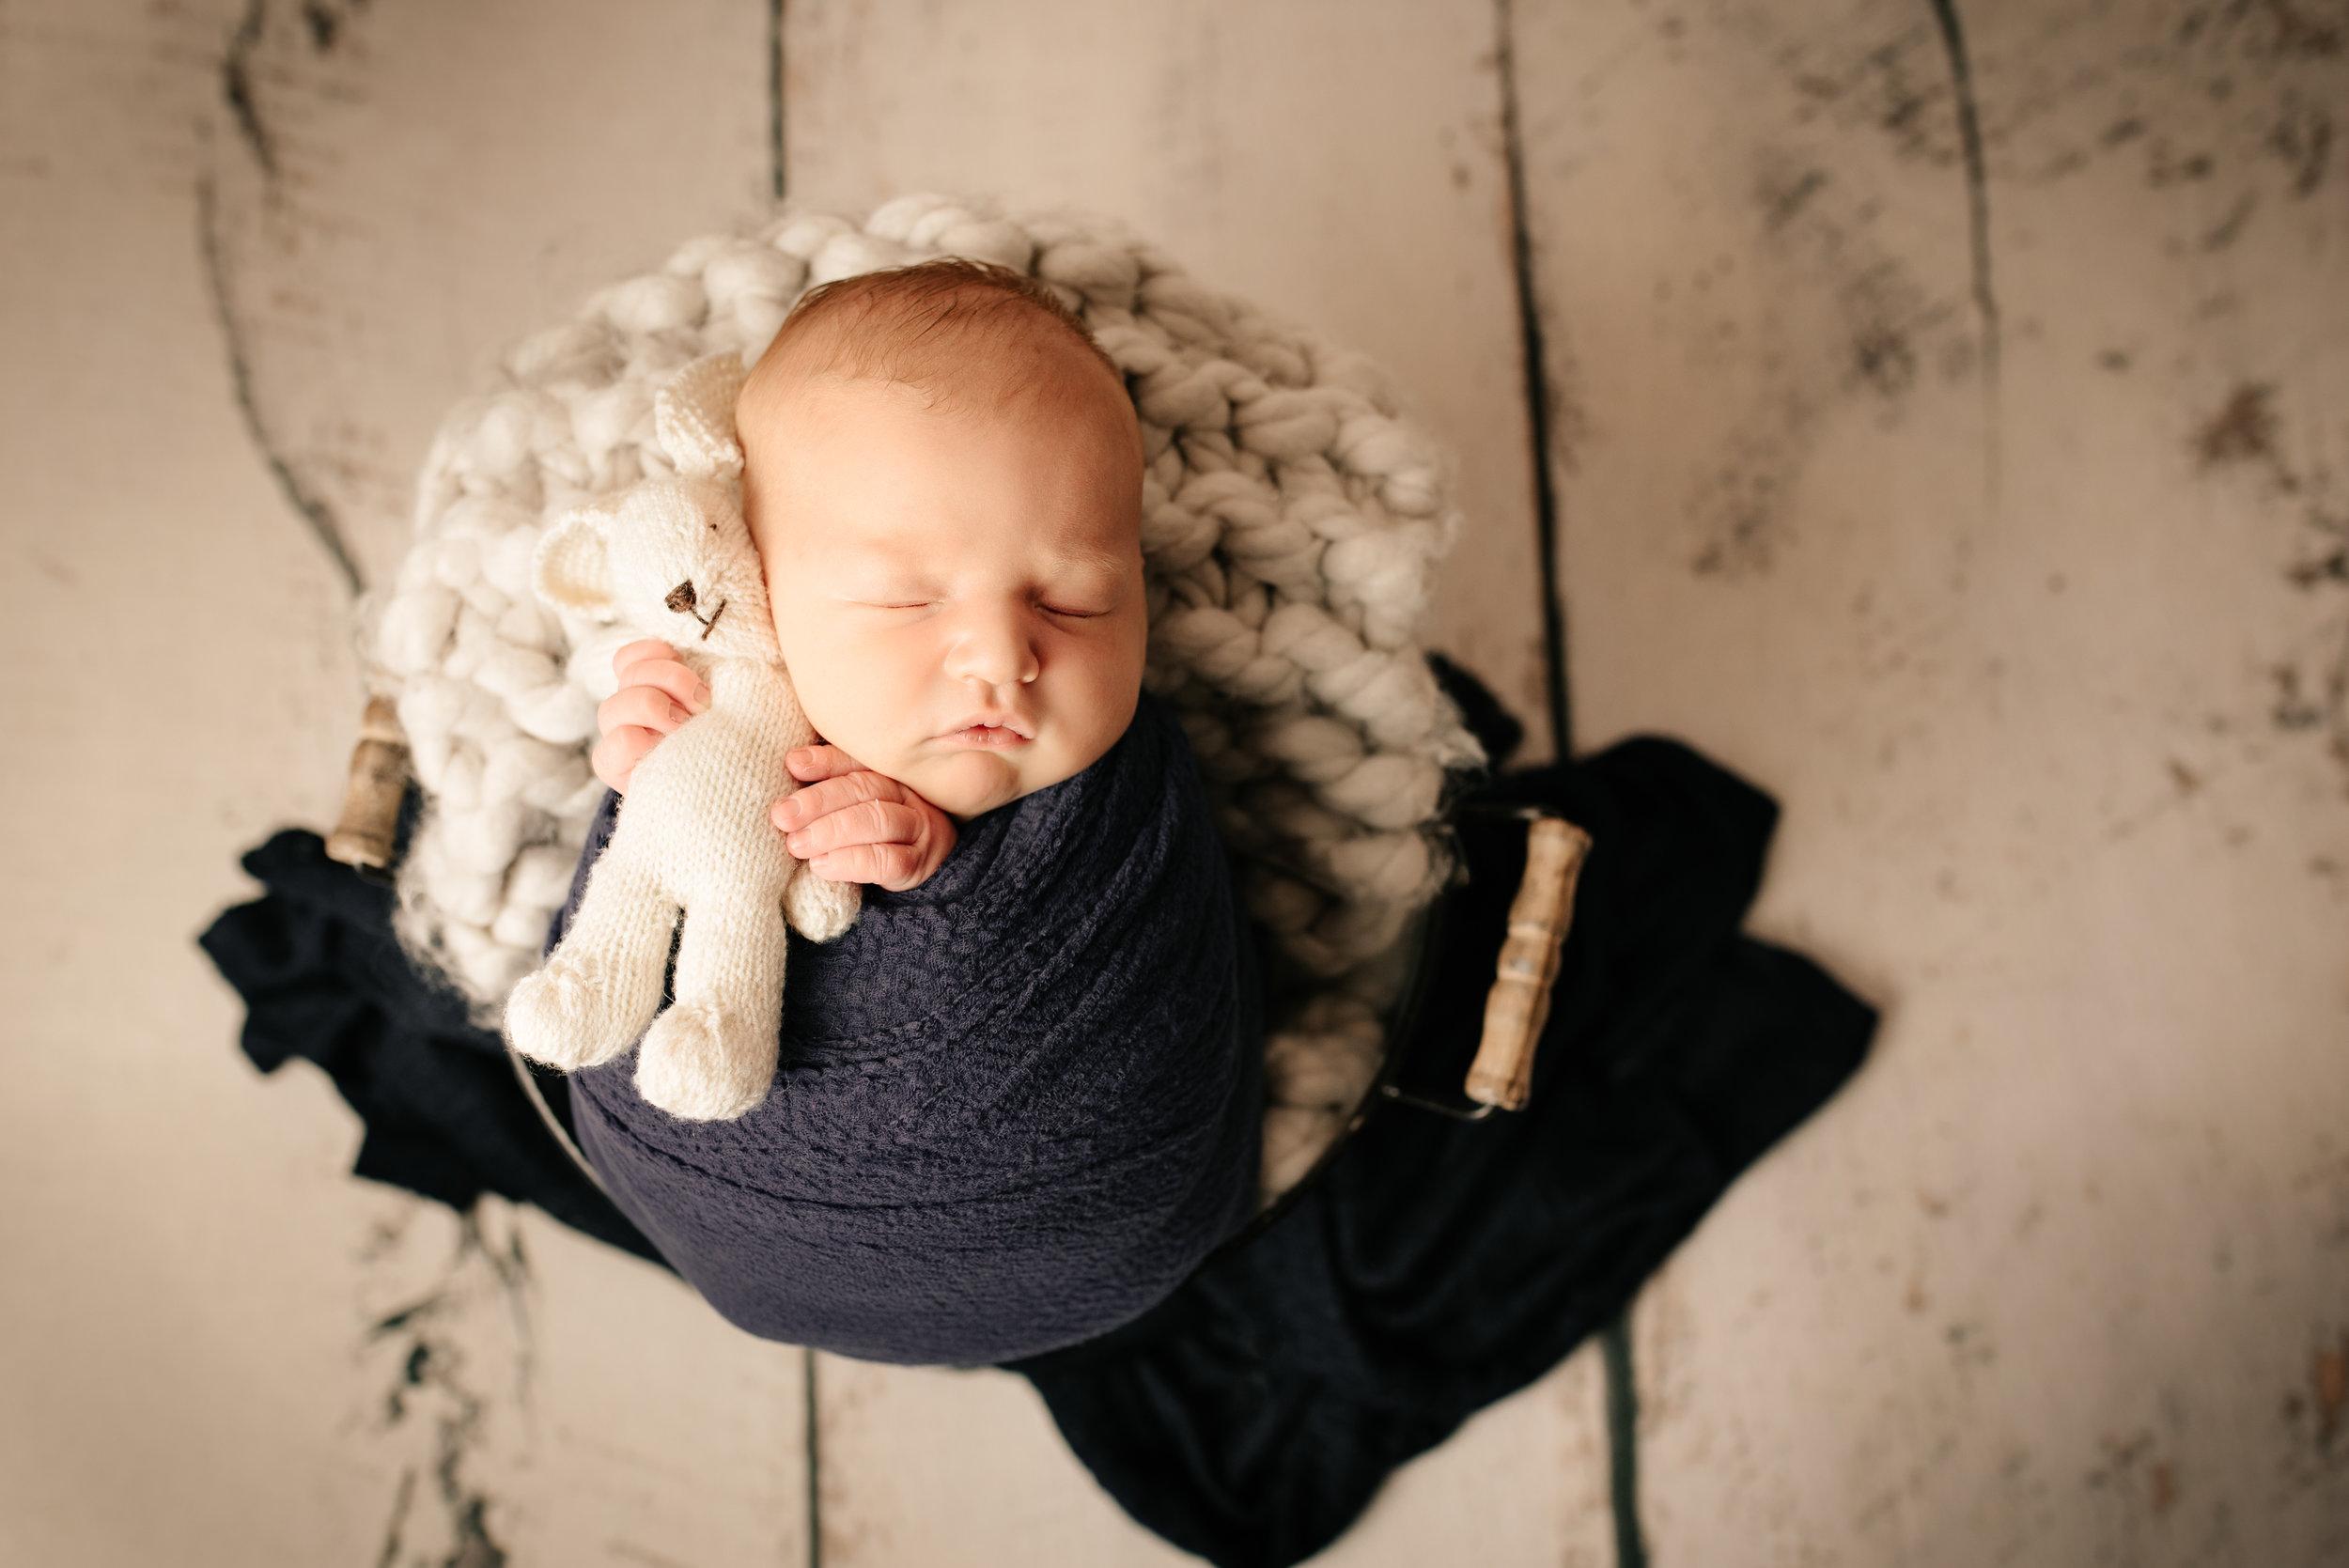 Newborn_John_13Days-1.jpg